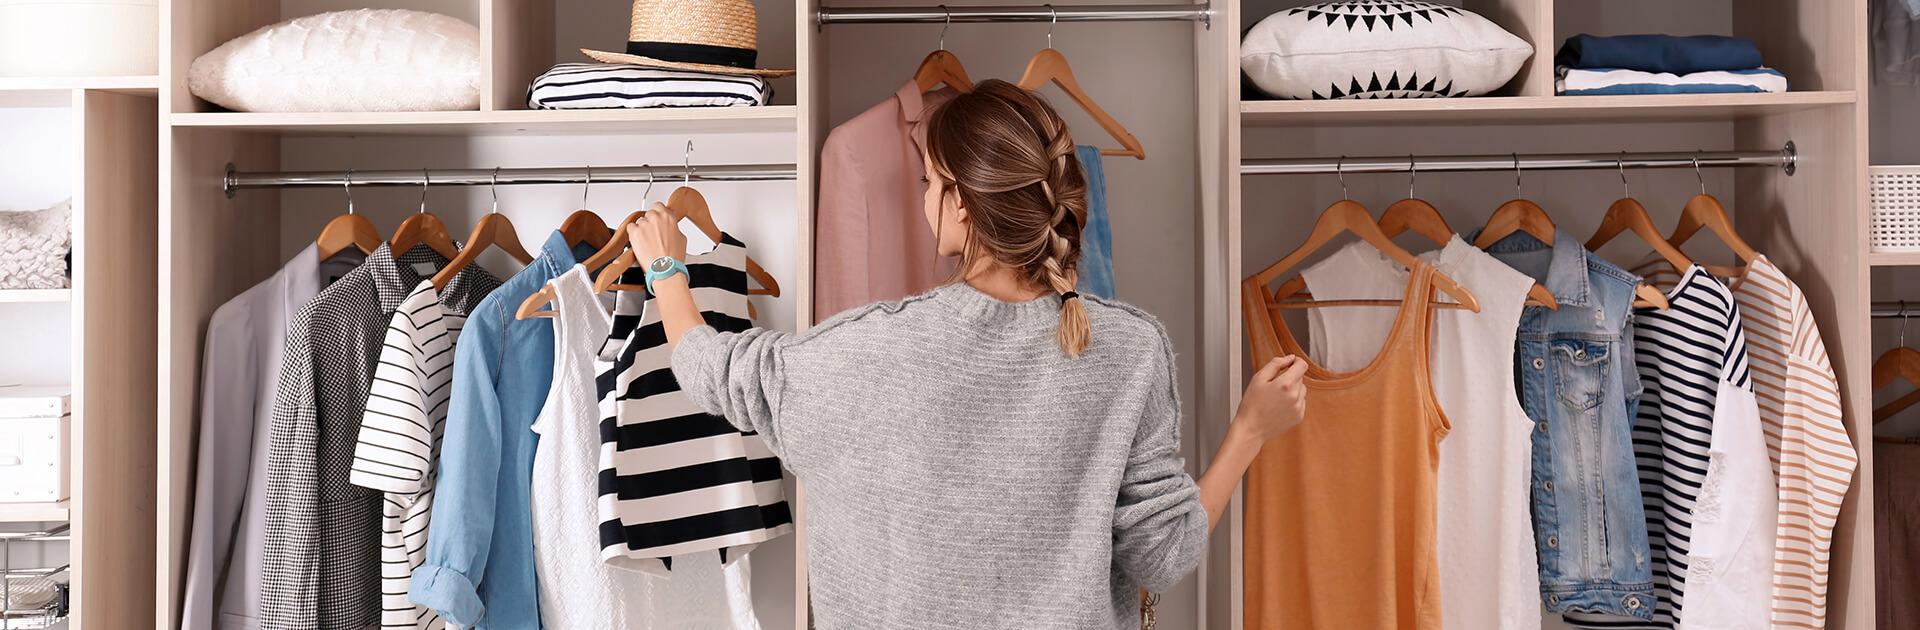 Kobieta wyjmująca ubrania z szafy na wymiar